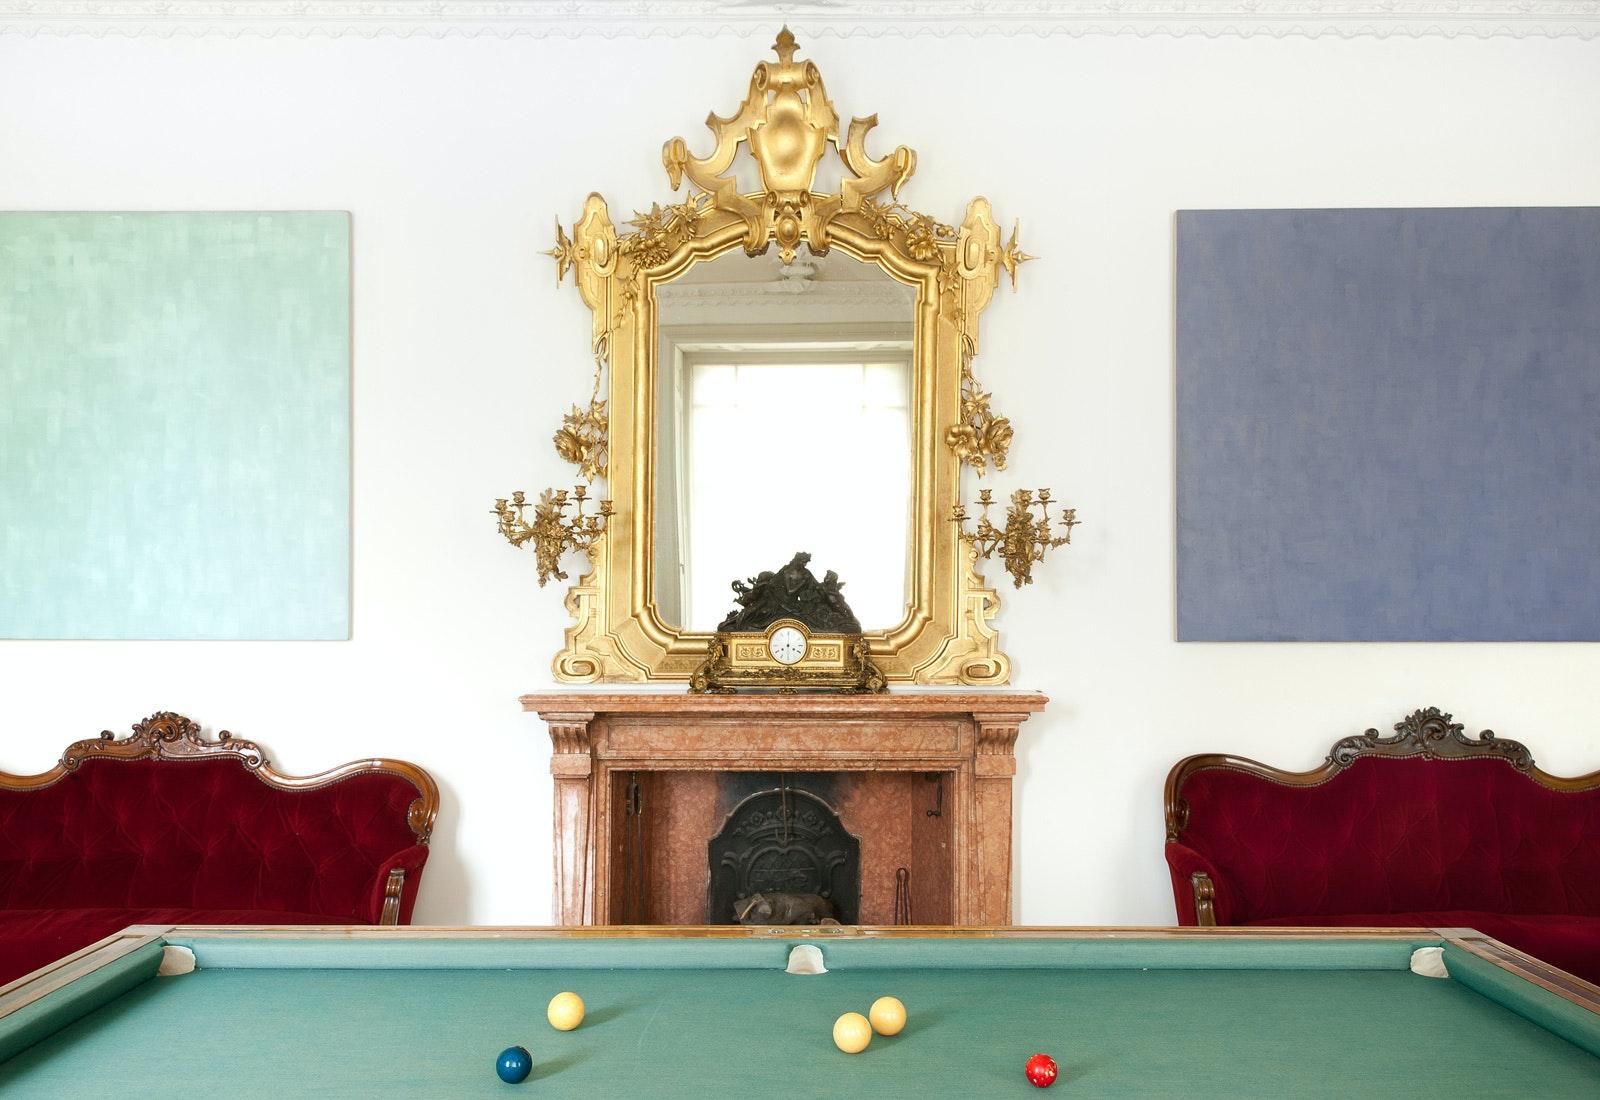 Sala del biliardo con opere di Phil Sims, VILLA E COLLEZIONE PANZA, VARESE